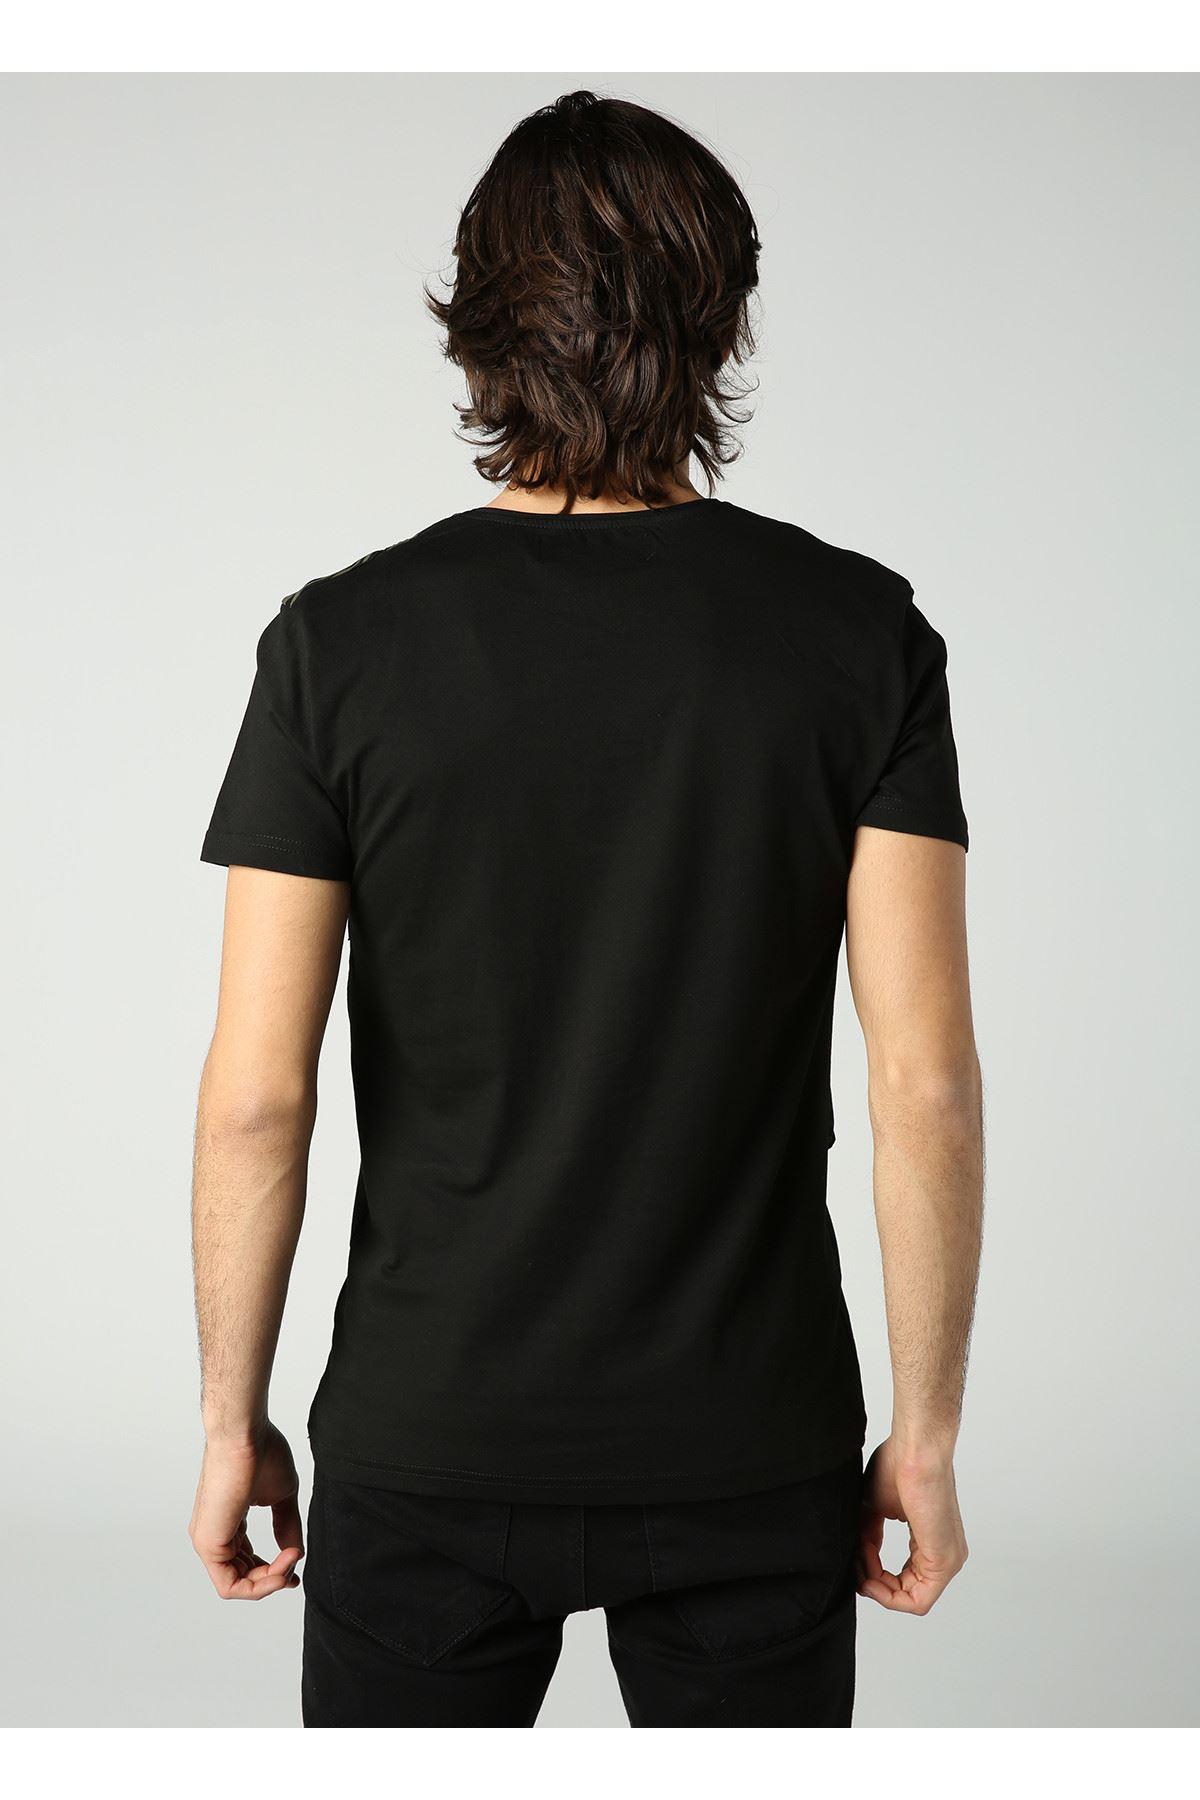 Bisiklet Yaka Çizgi Baskılı Erkek Siyah T-Shirt